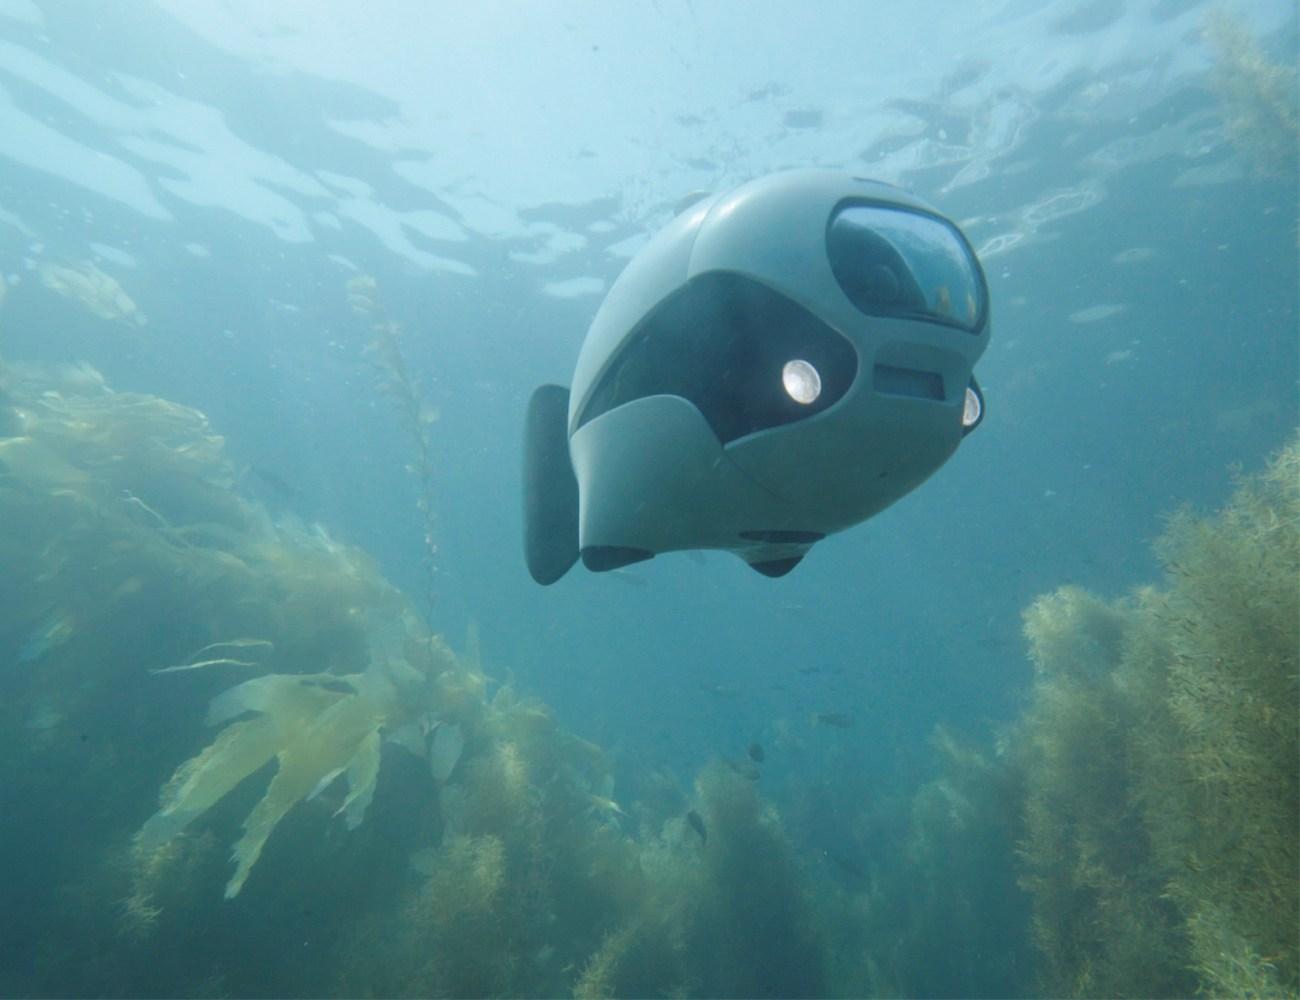 BIKI Underwater Wireless Fish Drone